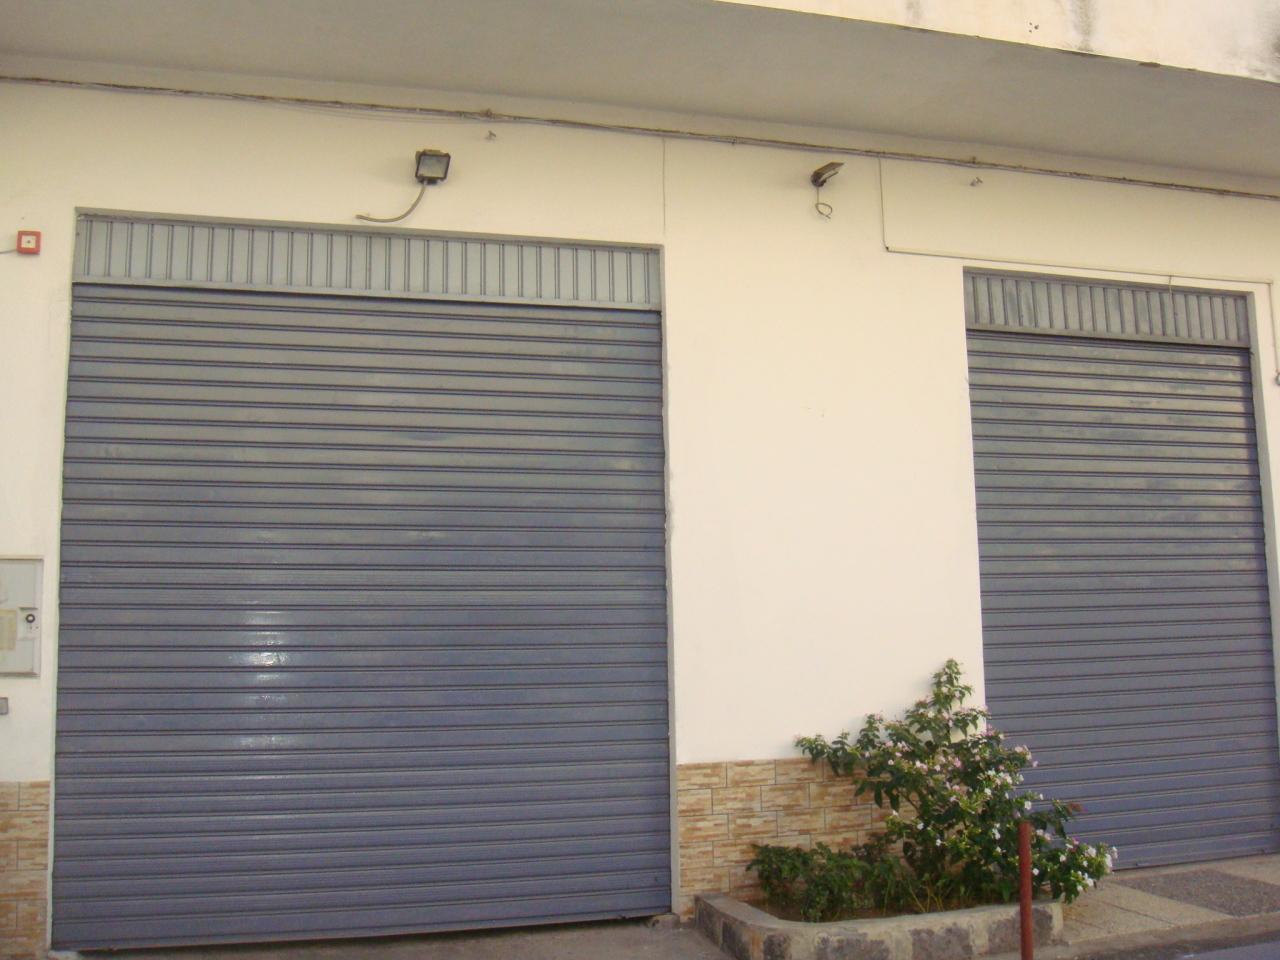 Magazzino in vendita a Reggio Calabria, 1 locali, prezzo € 170.000 | CambioCasa.it